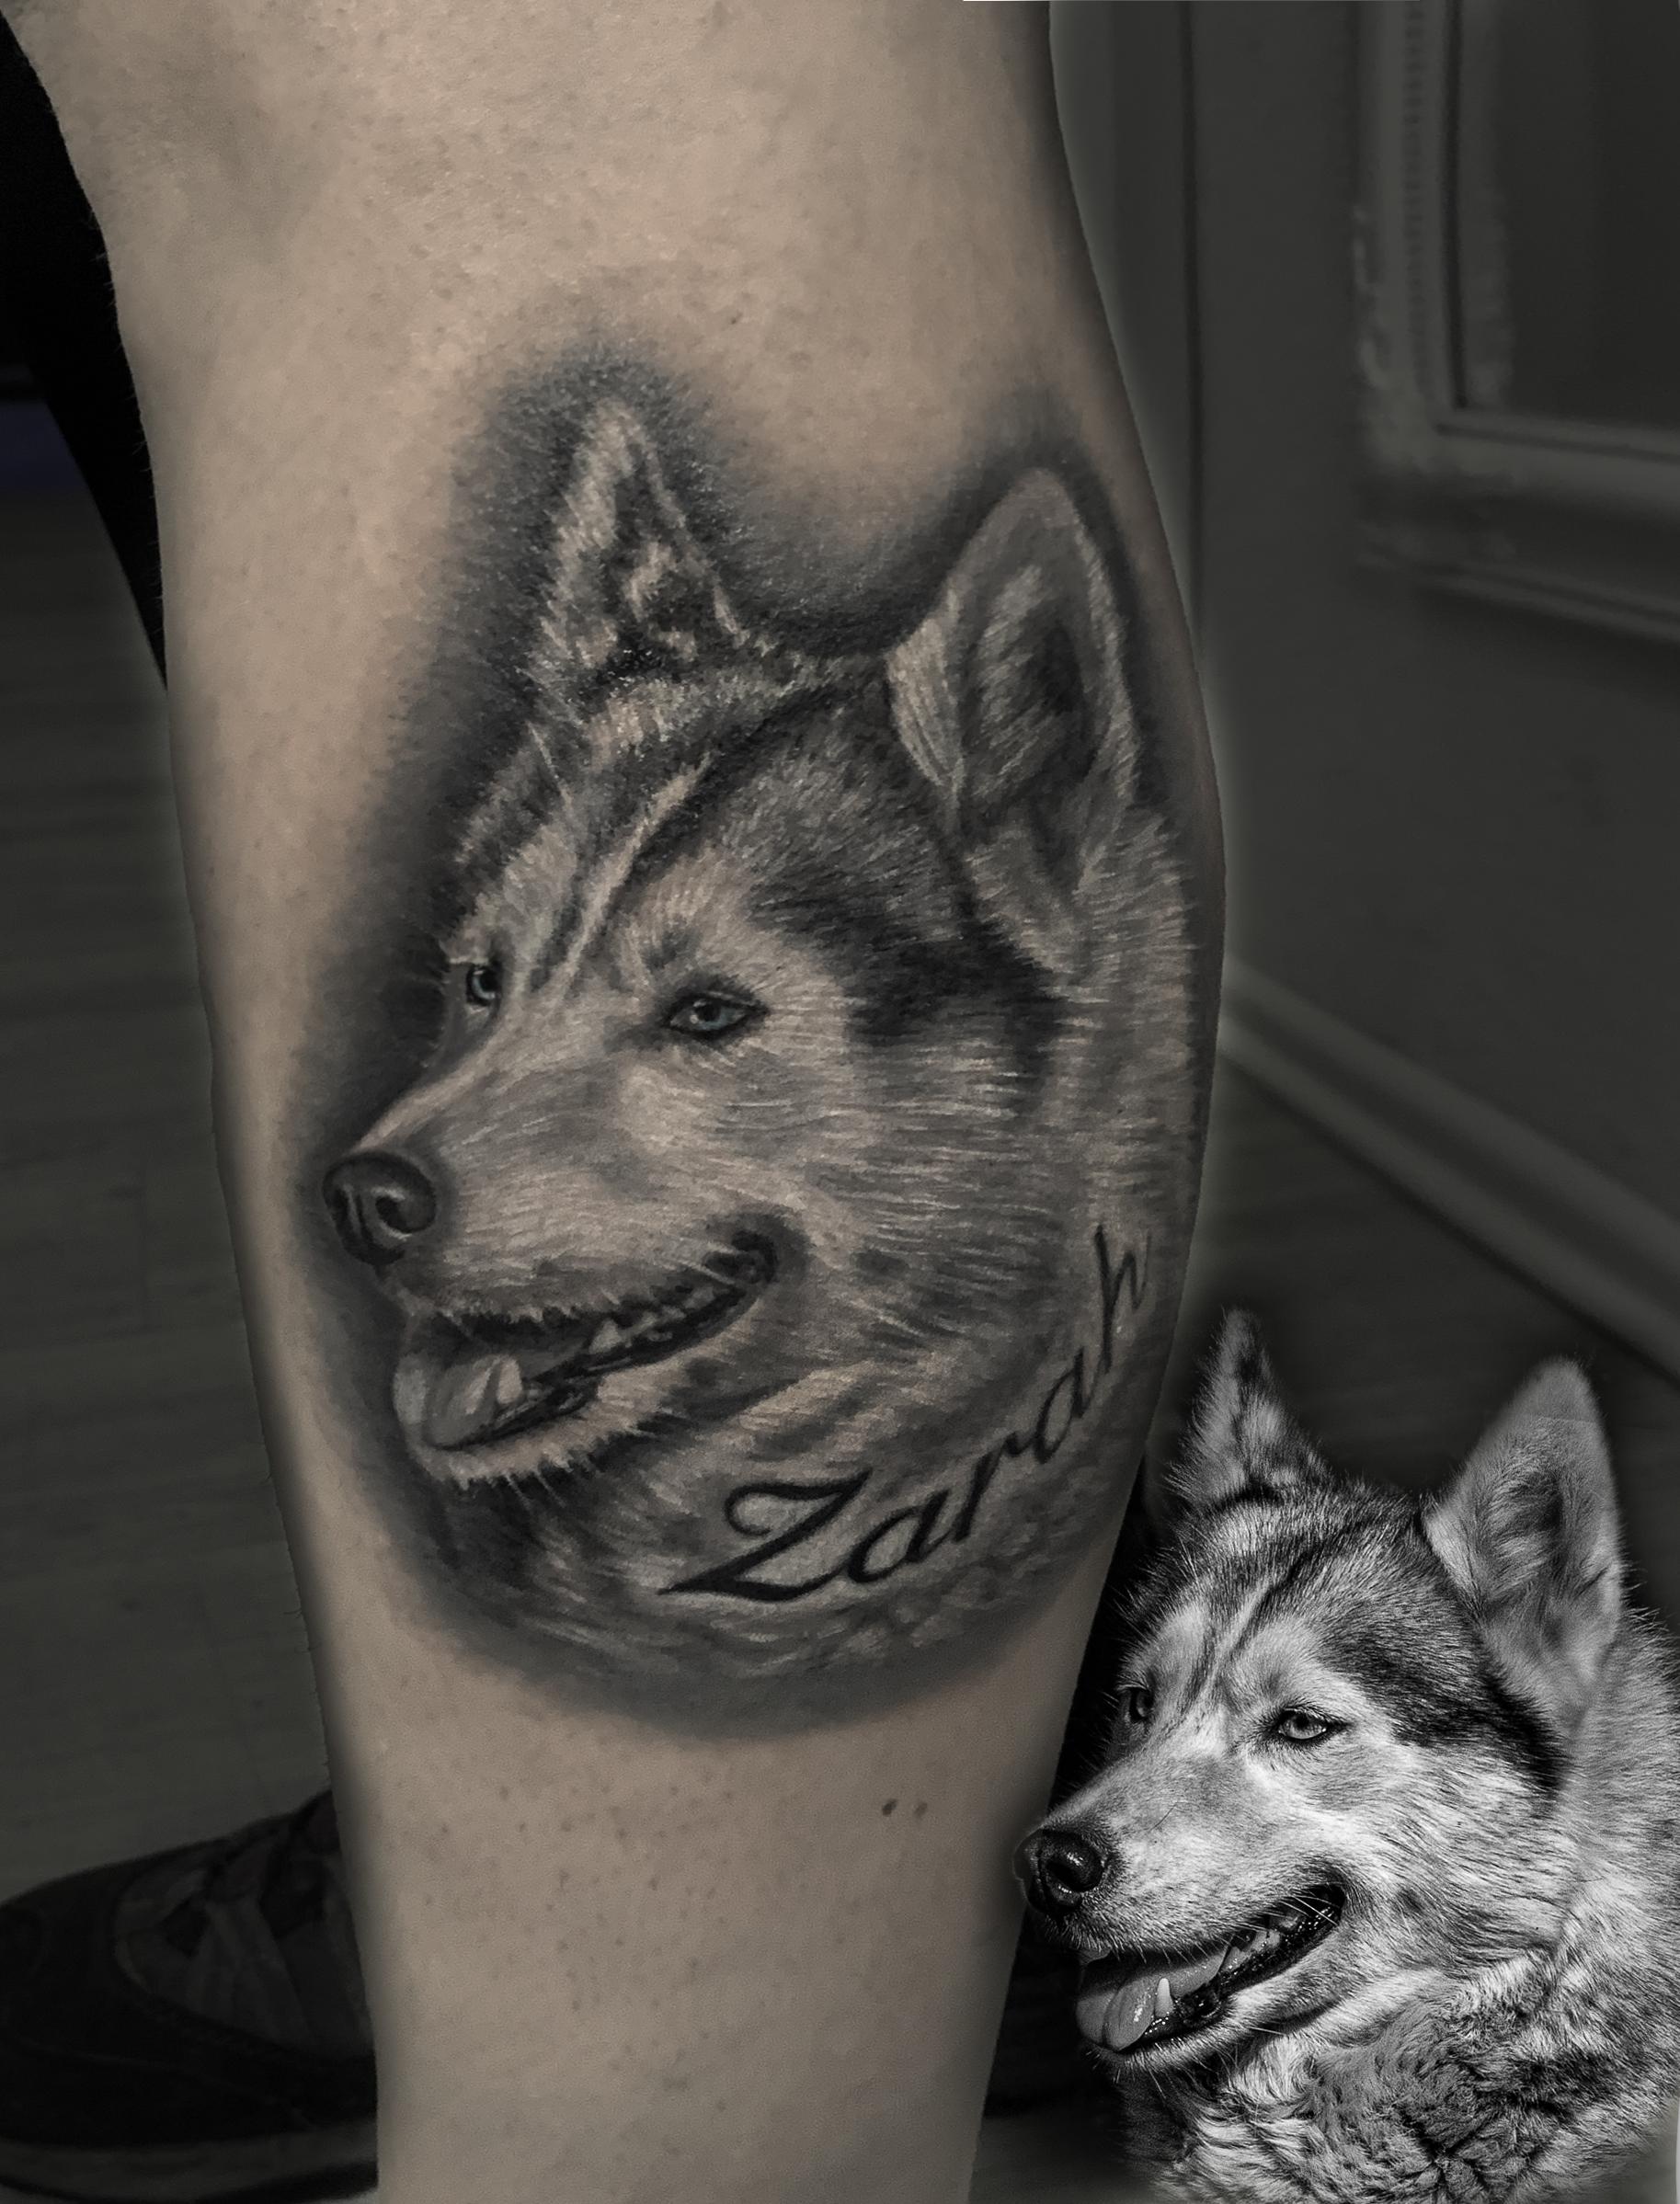 Tattoo studio aurich